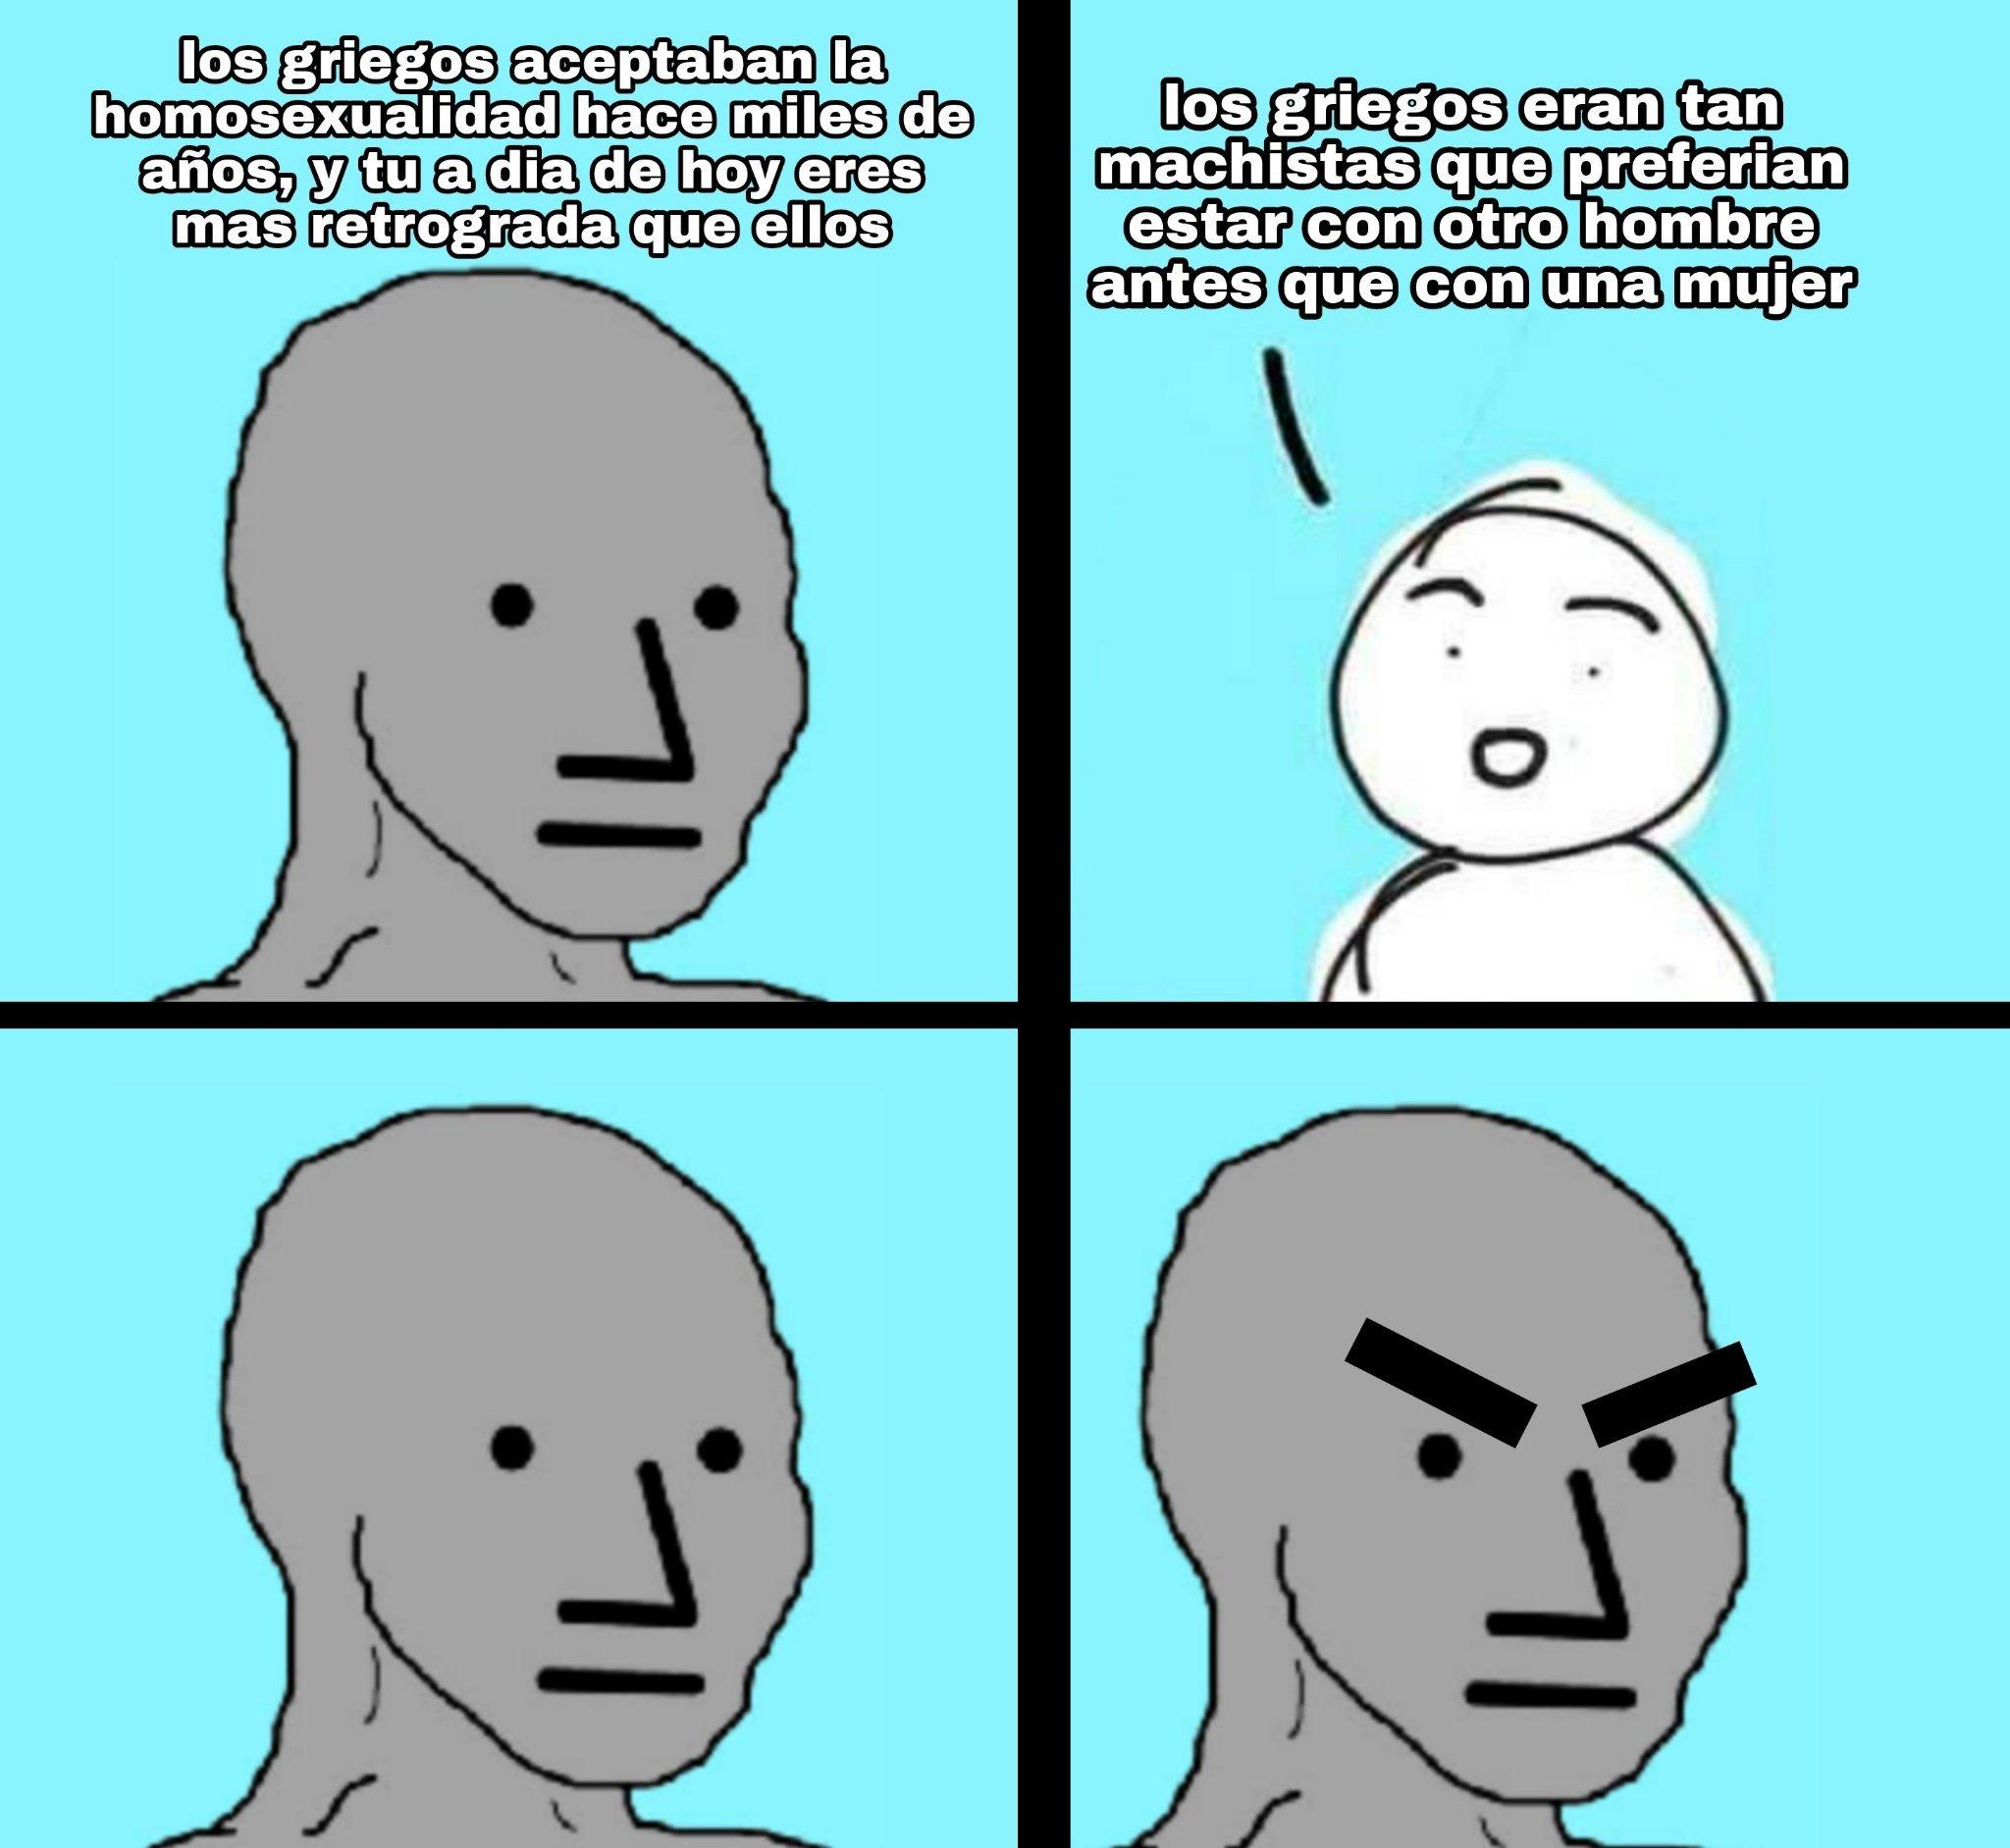 Literal las mujeres solo valian para mantener viva la raza - meme